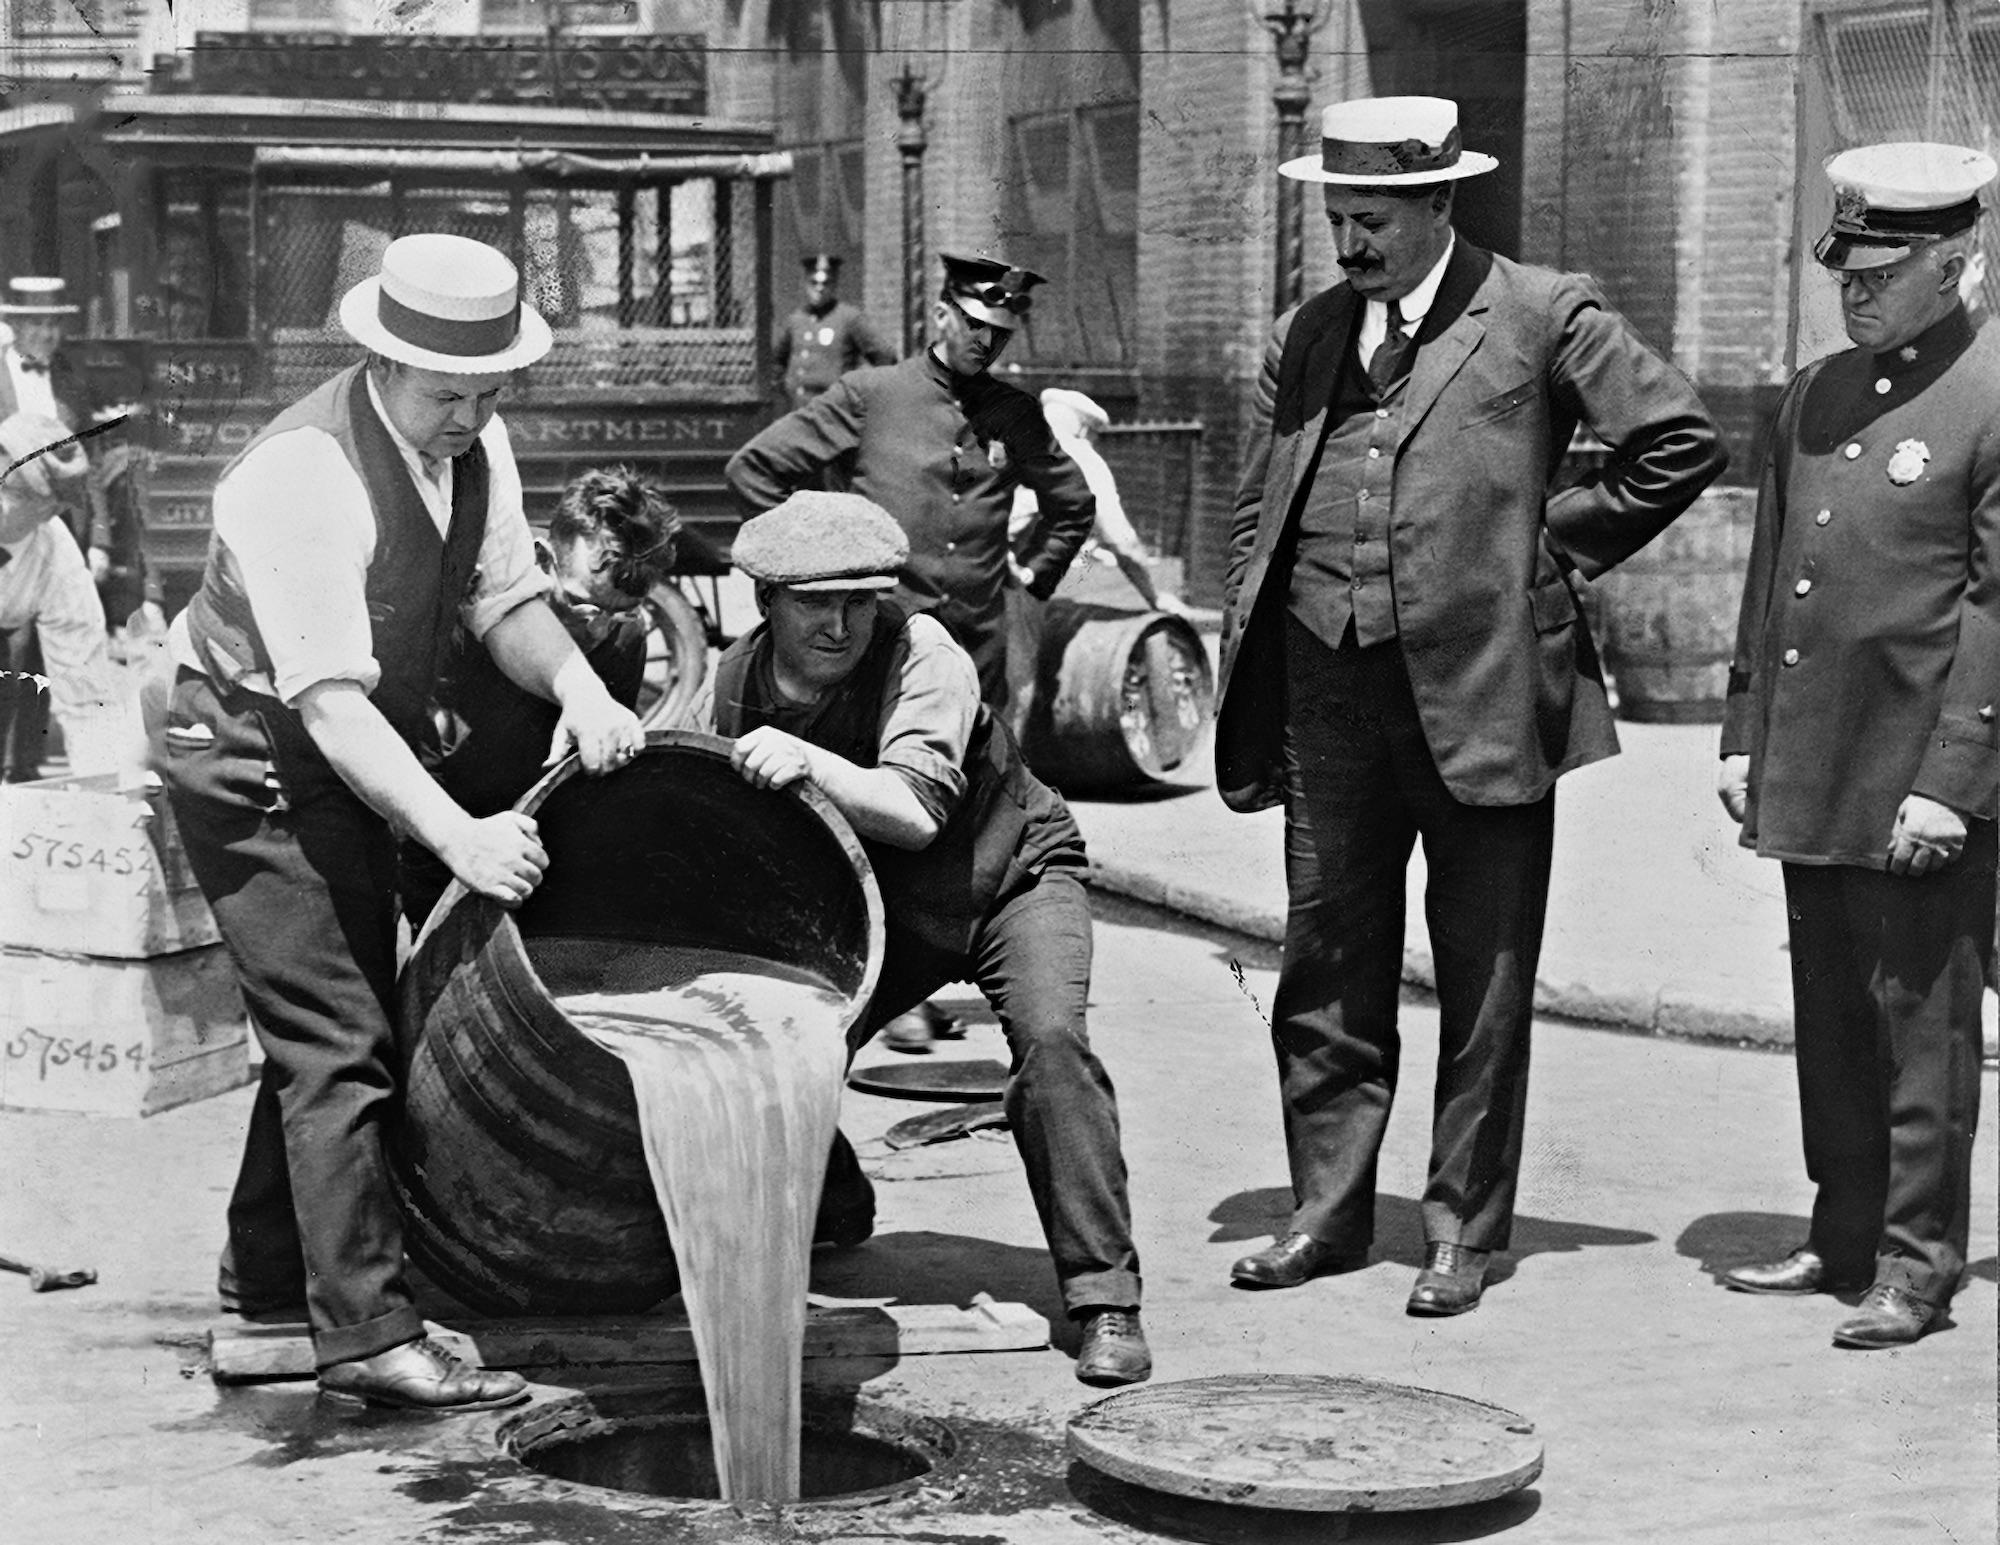 Rum Running, Sailors & Prohibition  Exhibit Opening & Reception